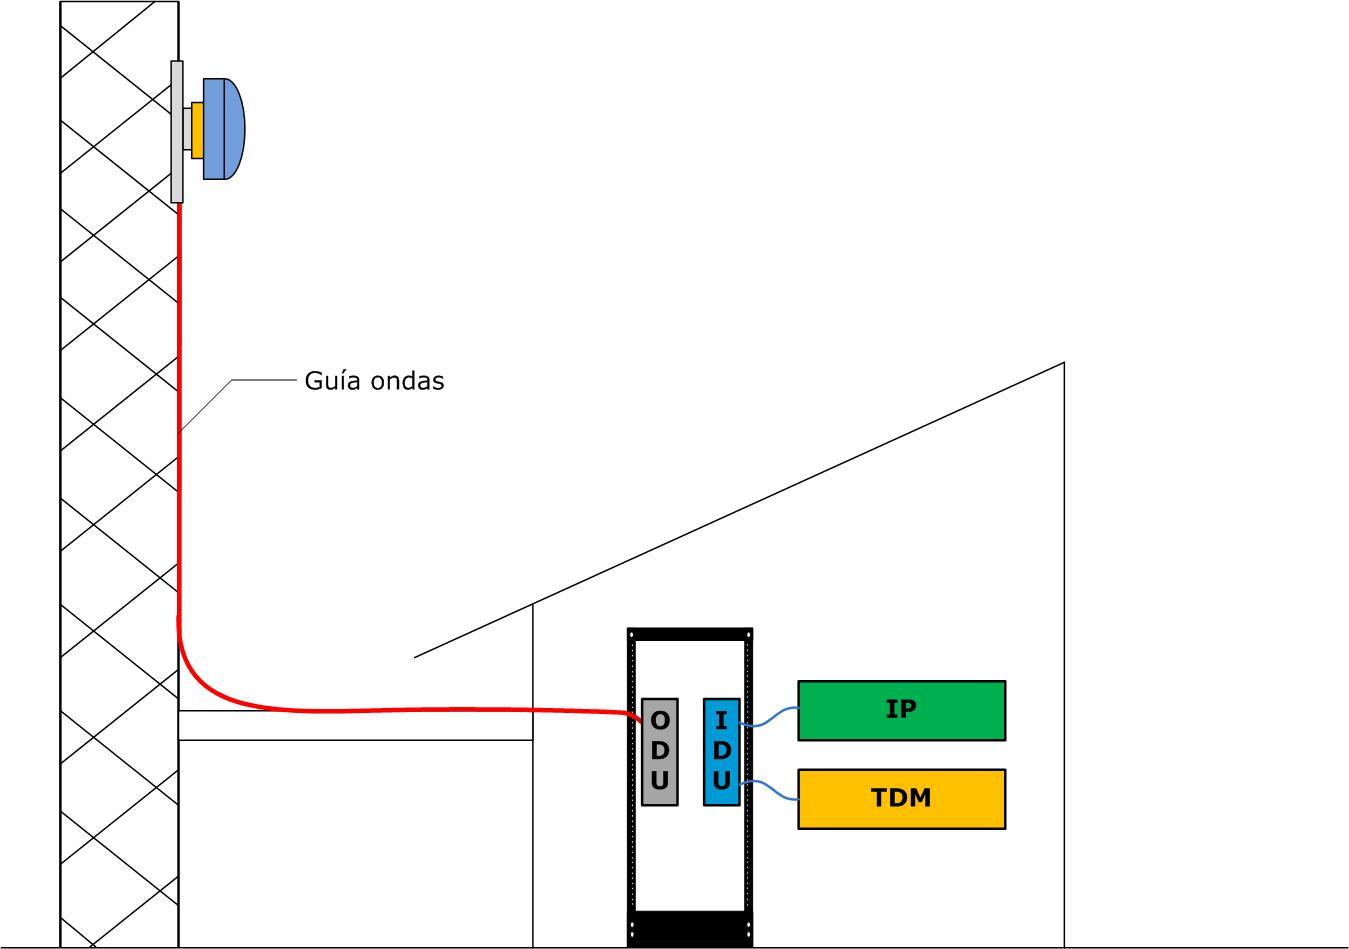 indoor Radioenlaces microondas en banda licenciada, ¿por dónde empezar?